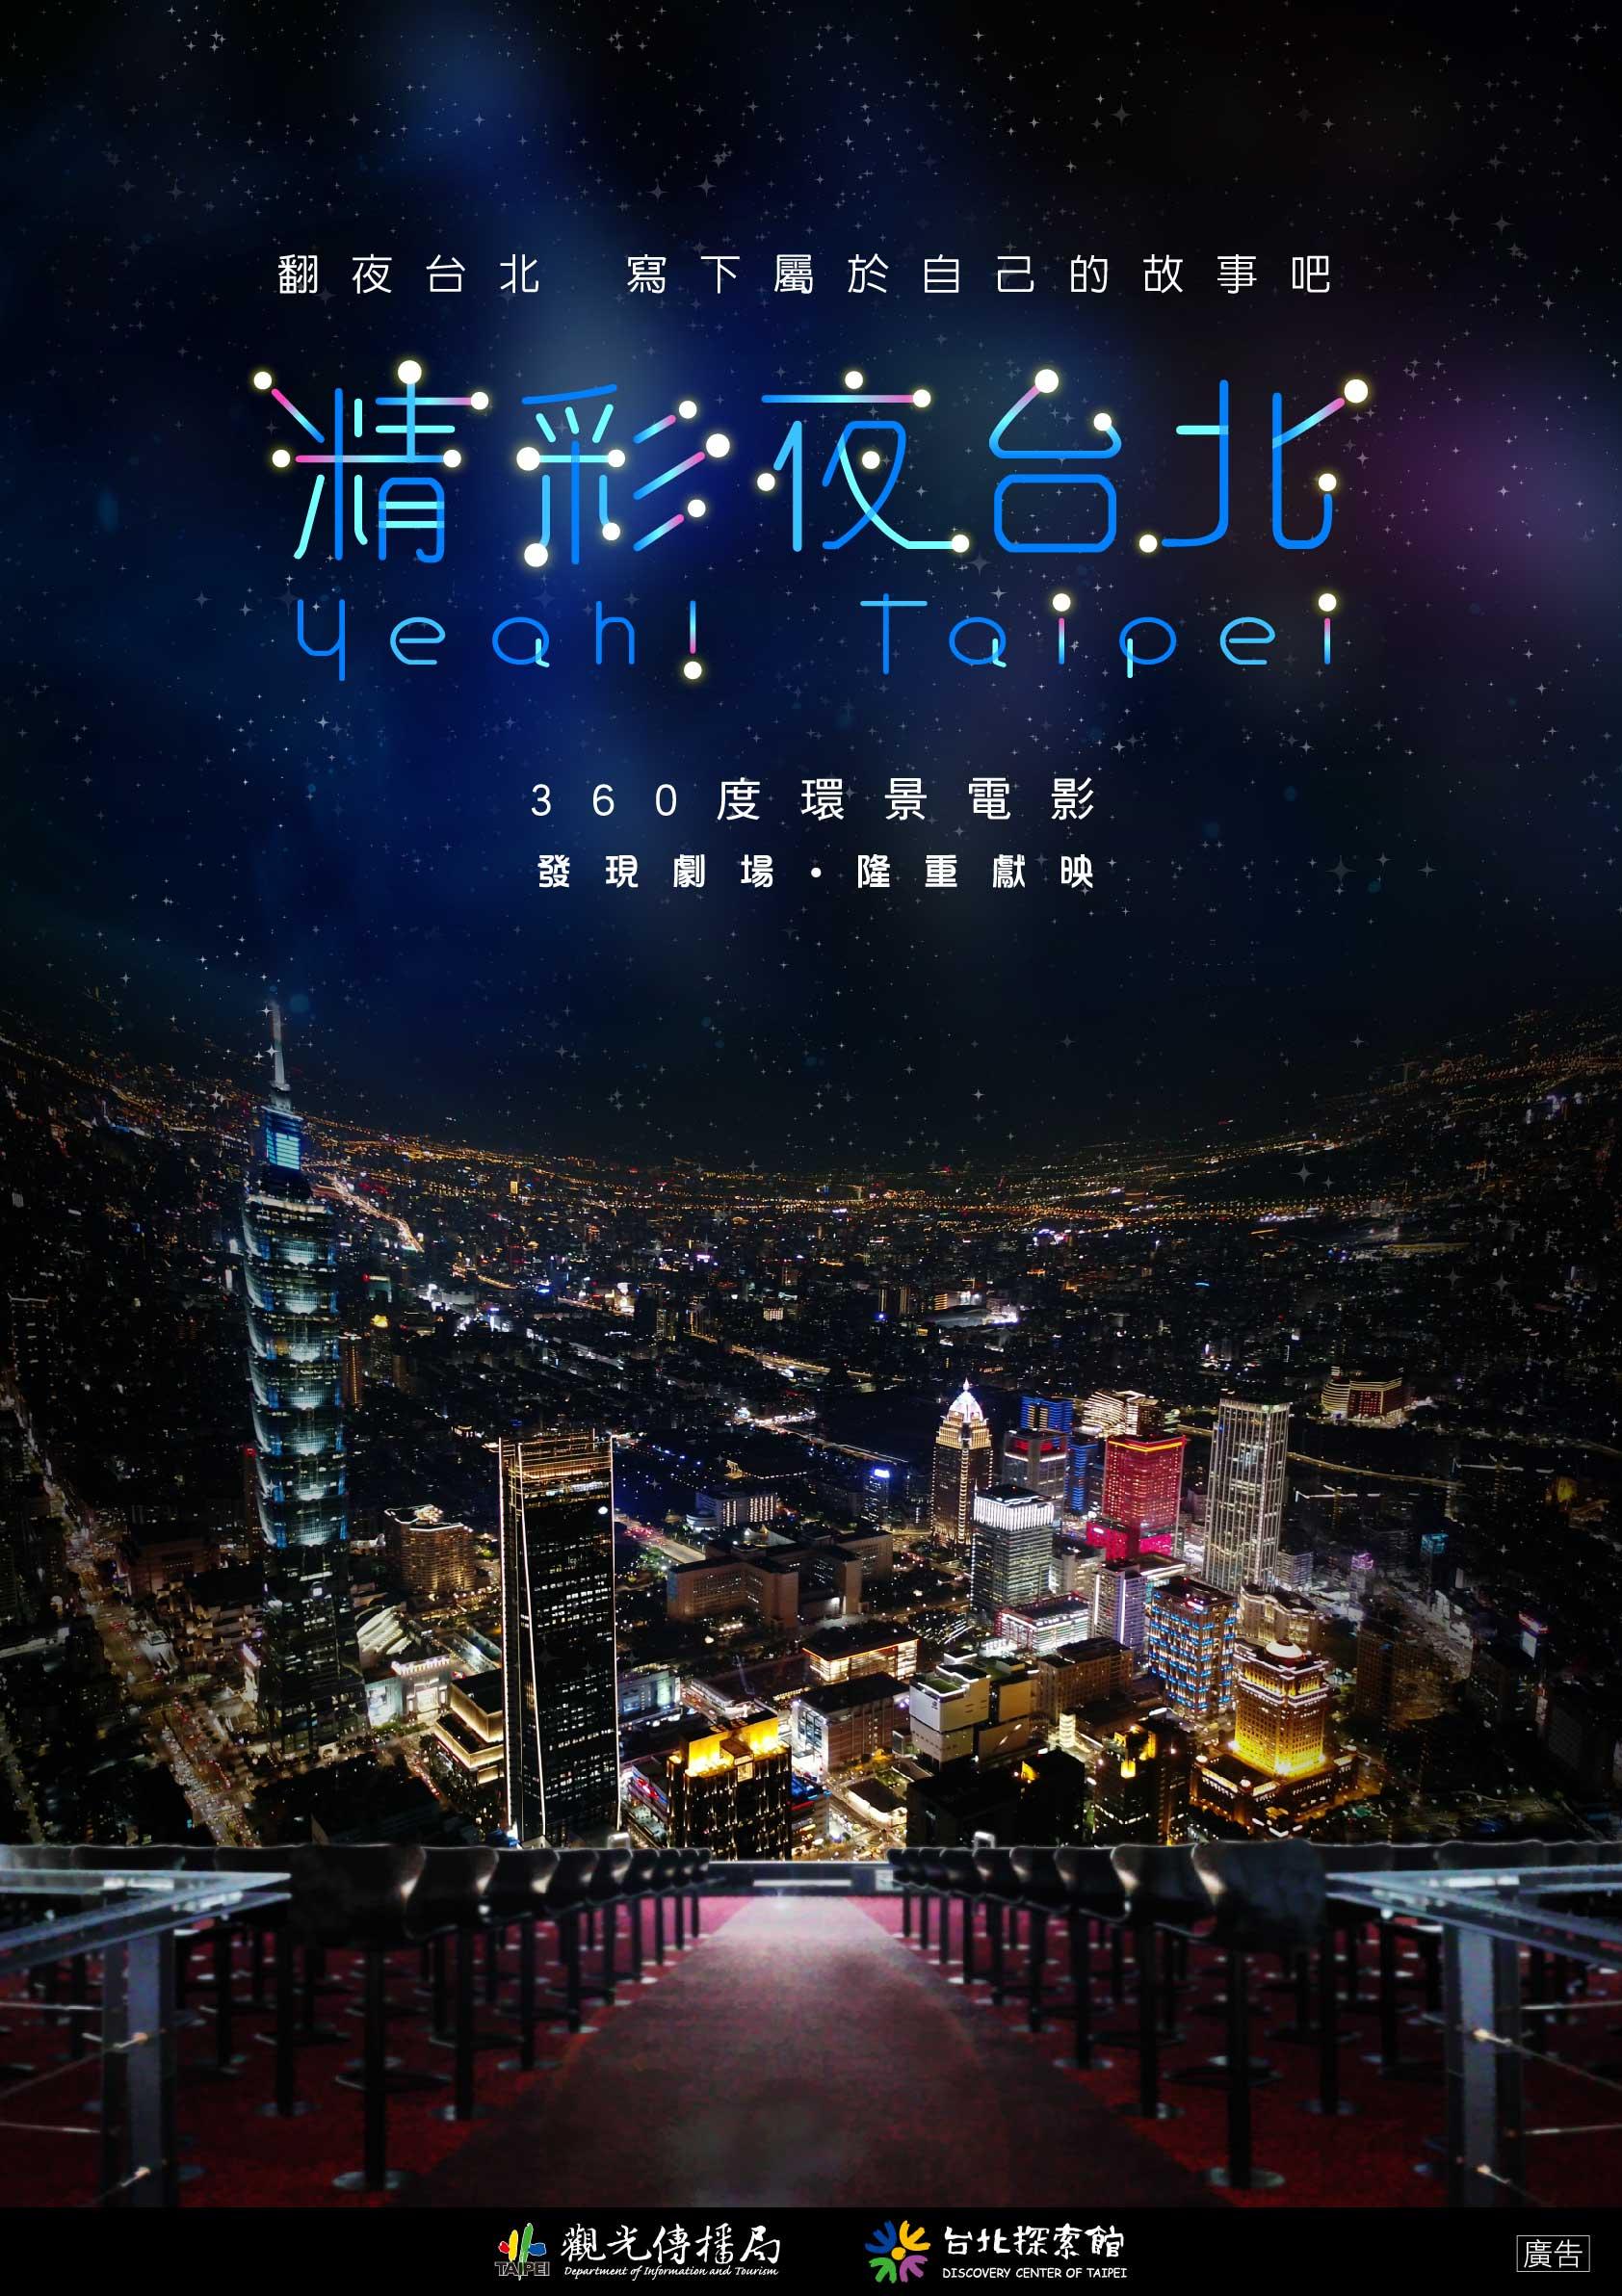 台北探索館發現劇場全新《精彩夜台北》影片於今(21)日正式上映。